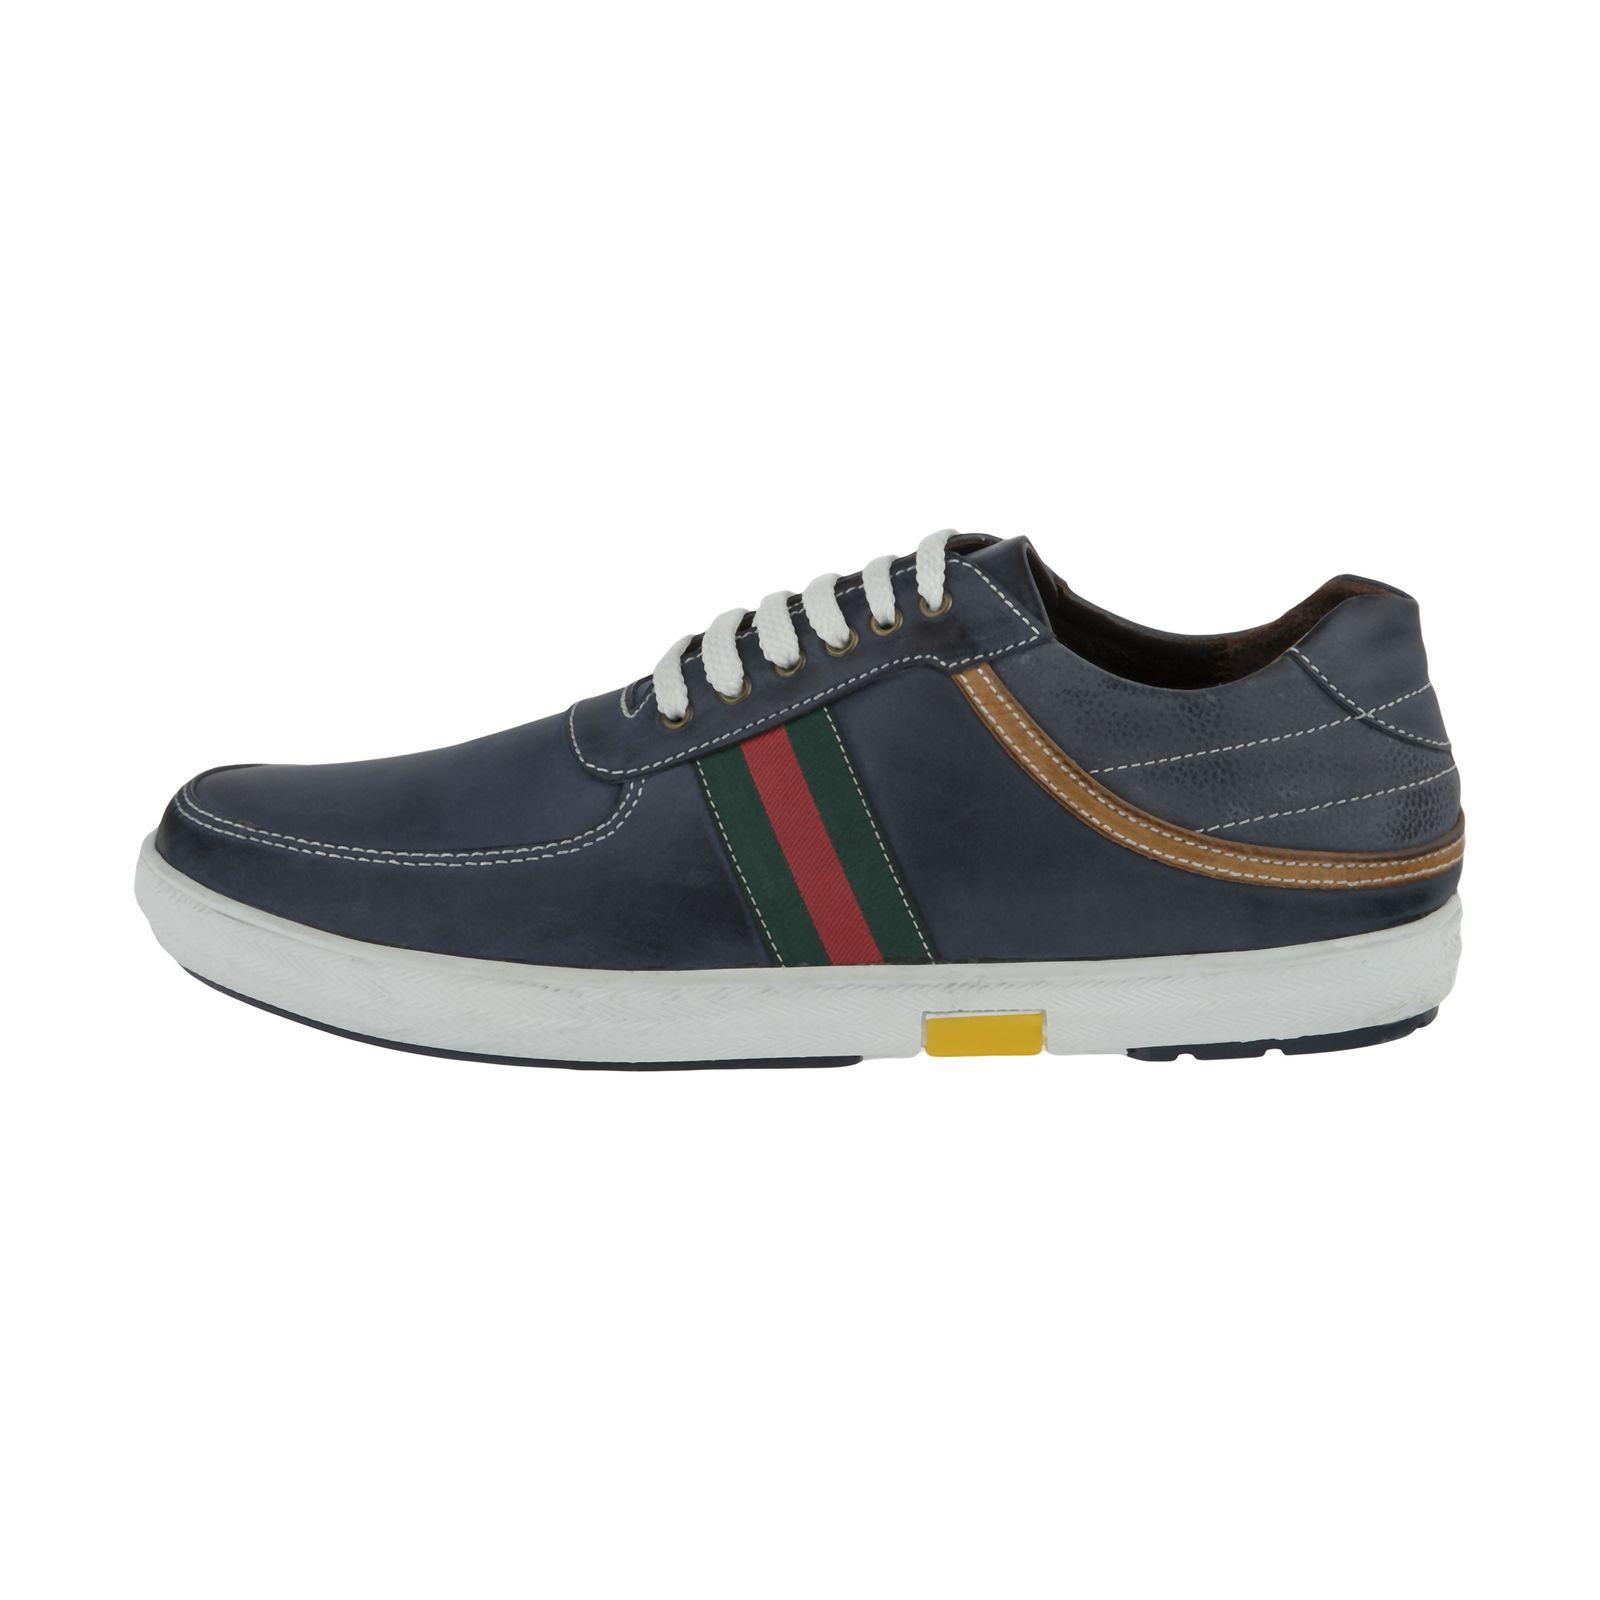 کفش روزمره مردانه سوته مدل 5054A503103 -  - 2